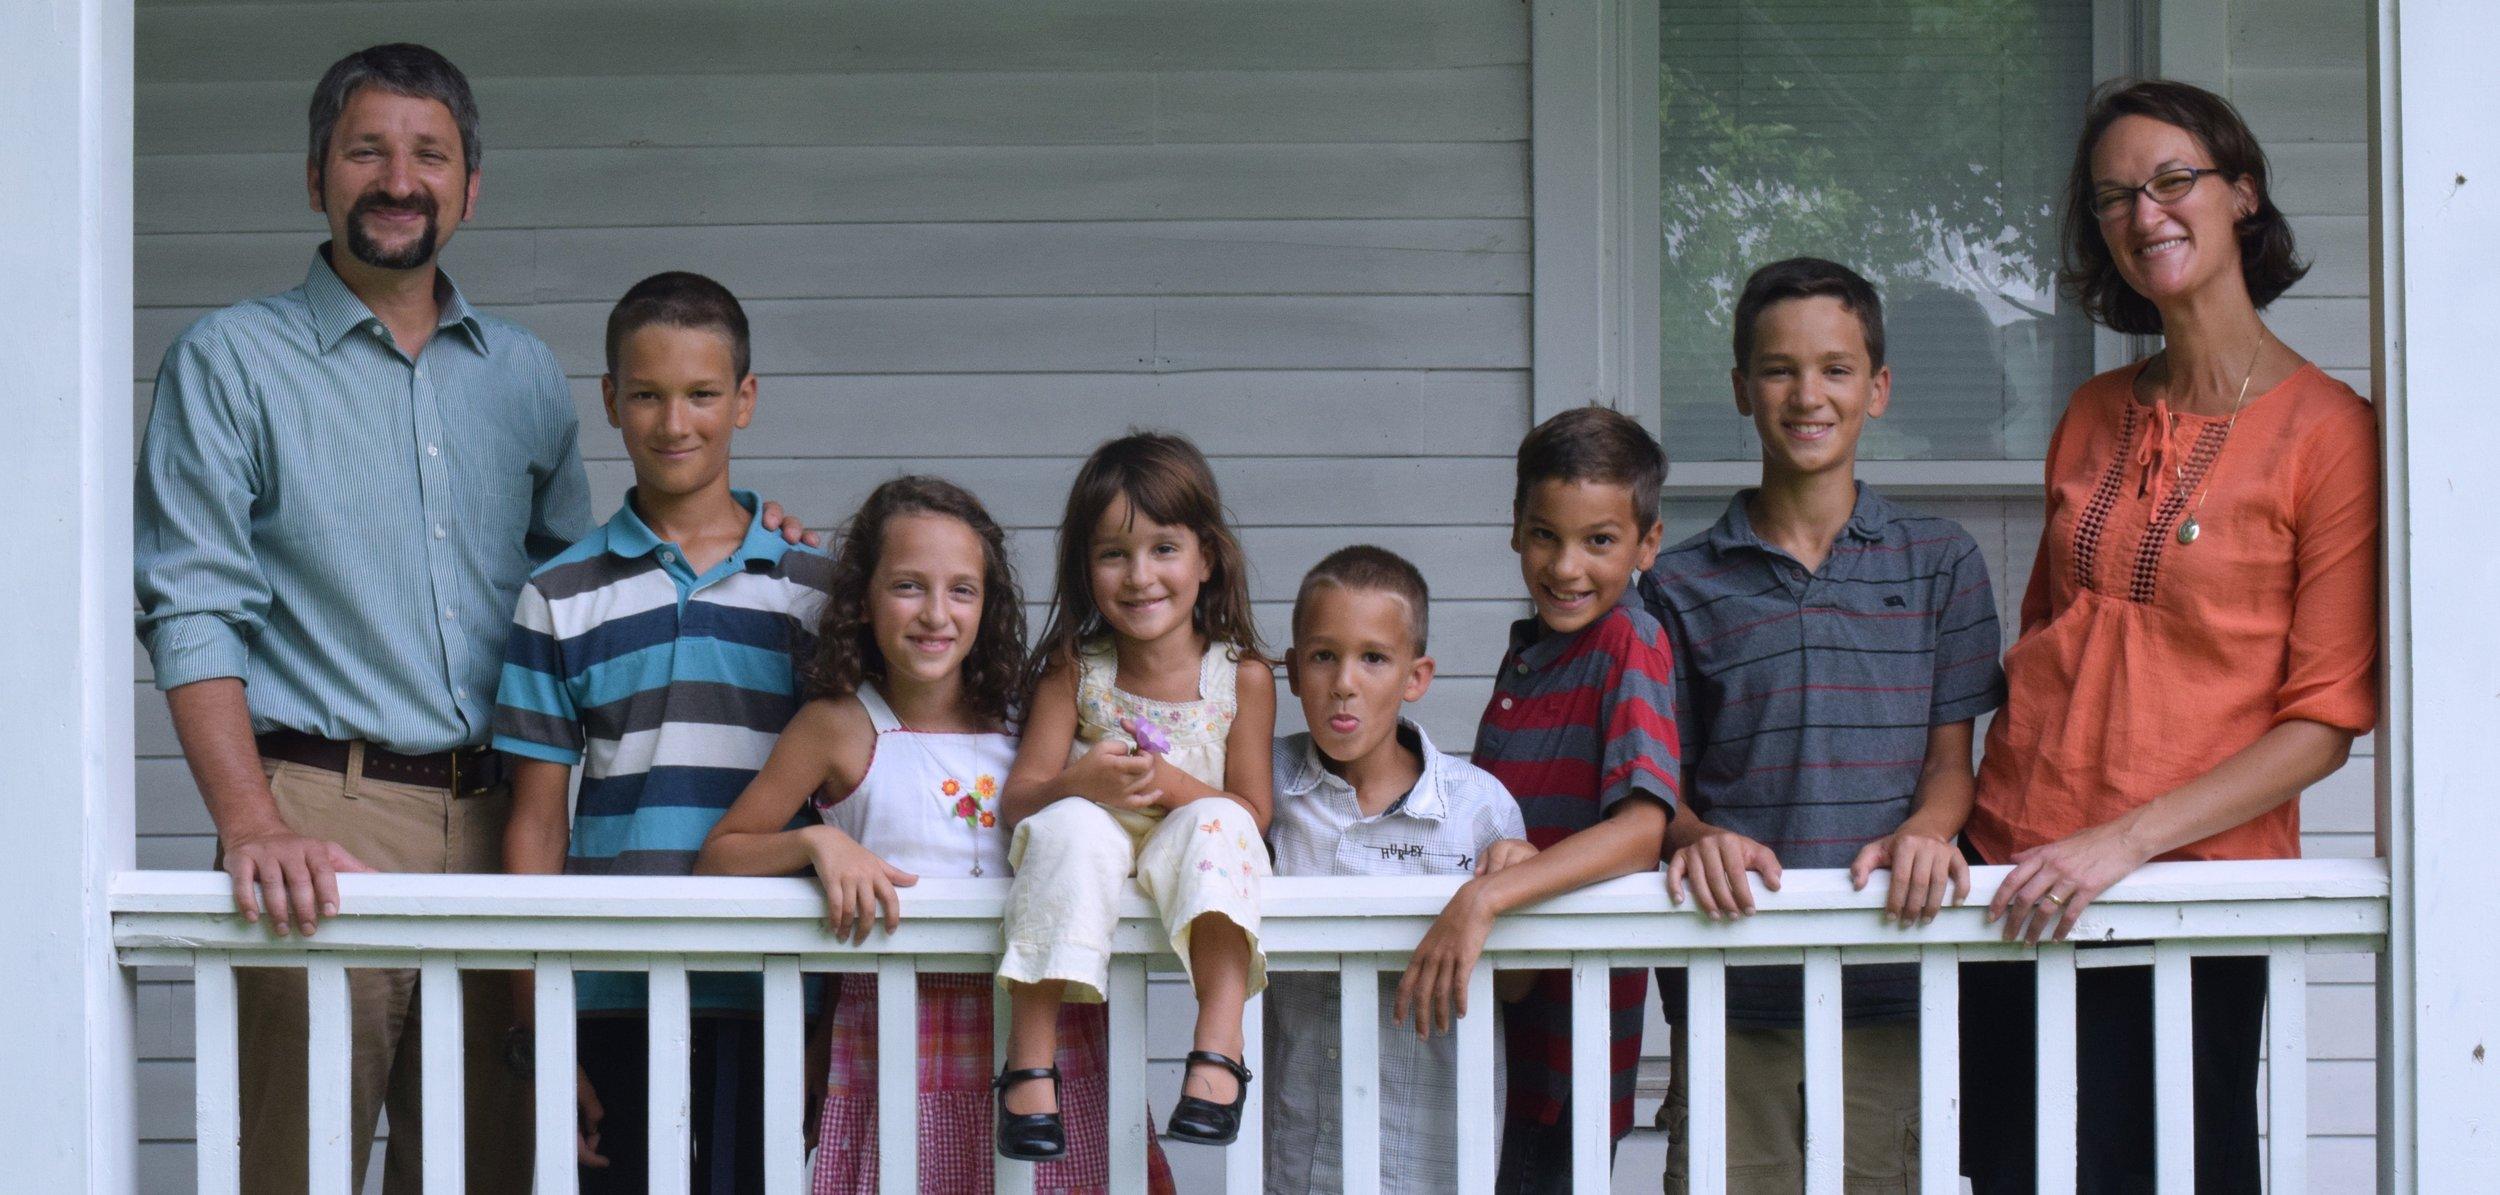 Yoder-family.jpg